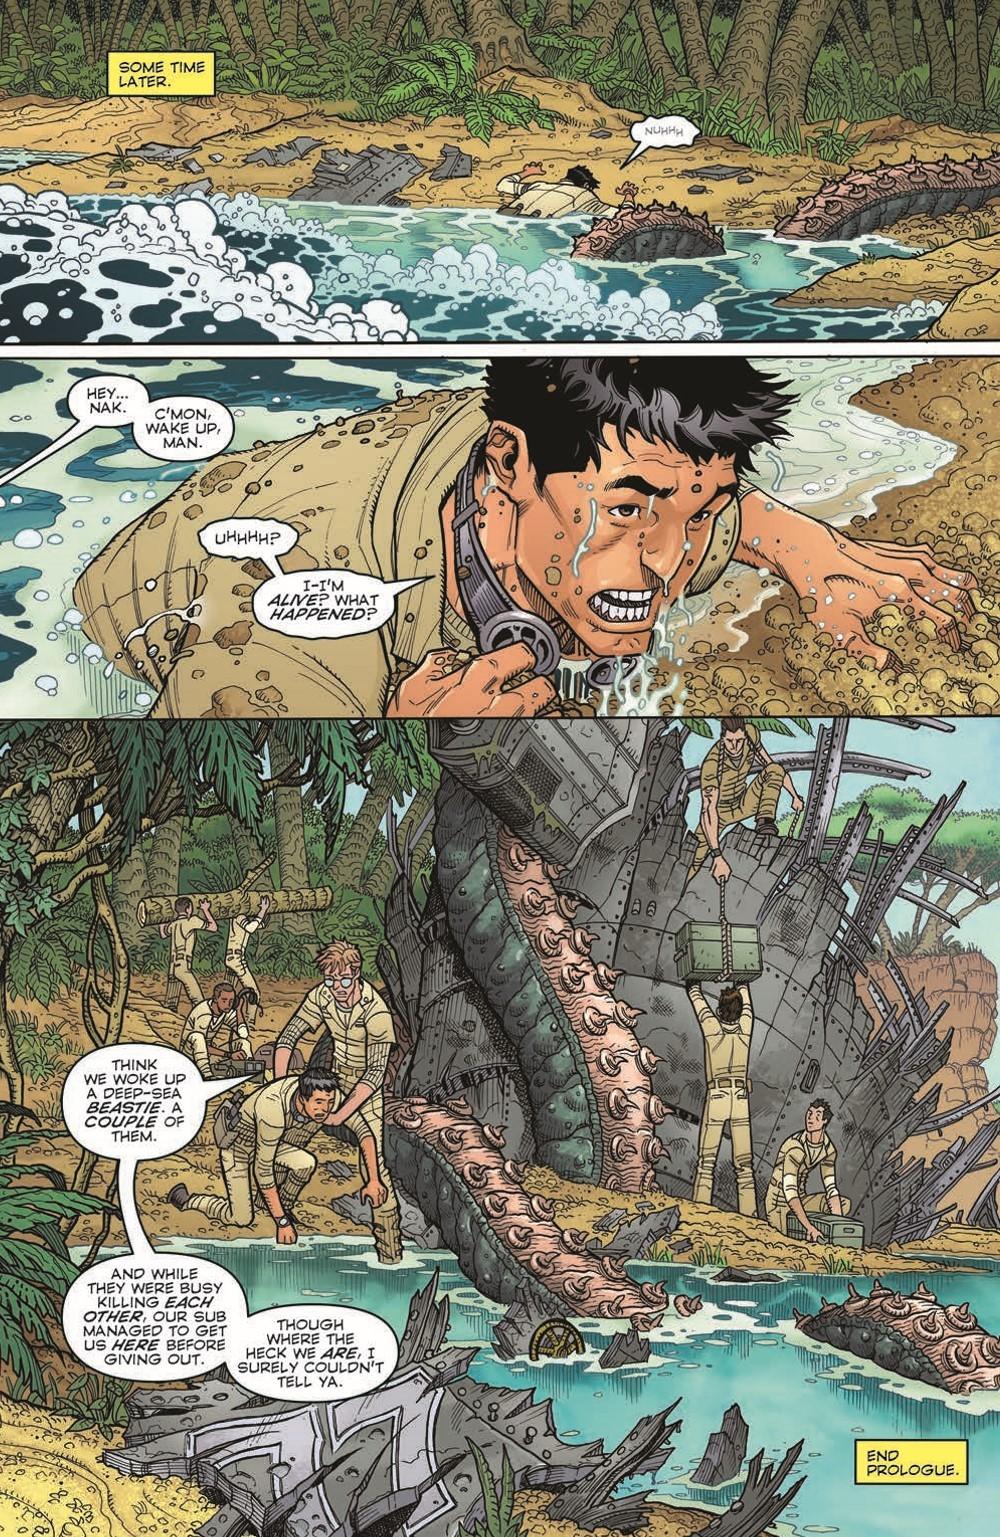 BERMUDA03_pr-6 ComicList Previews: BERMUDA #3 (OF 4)